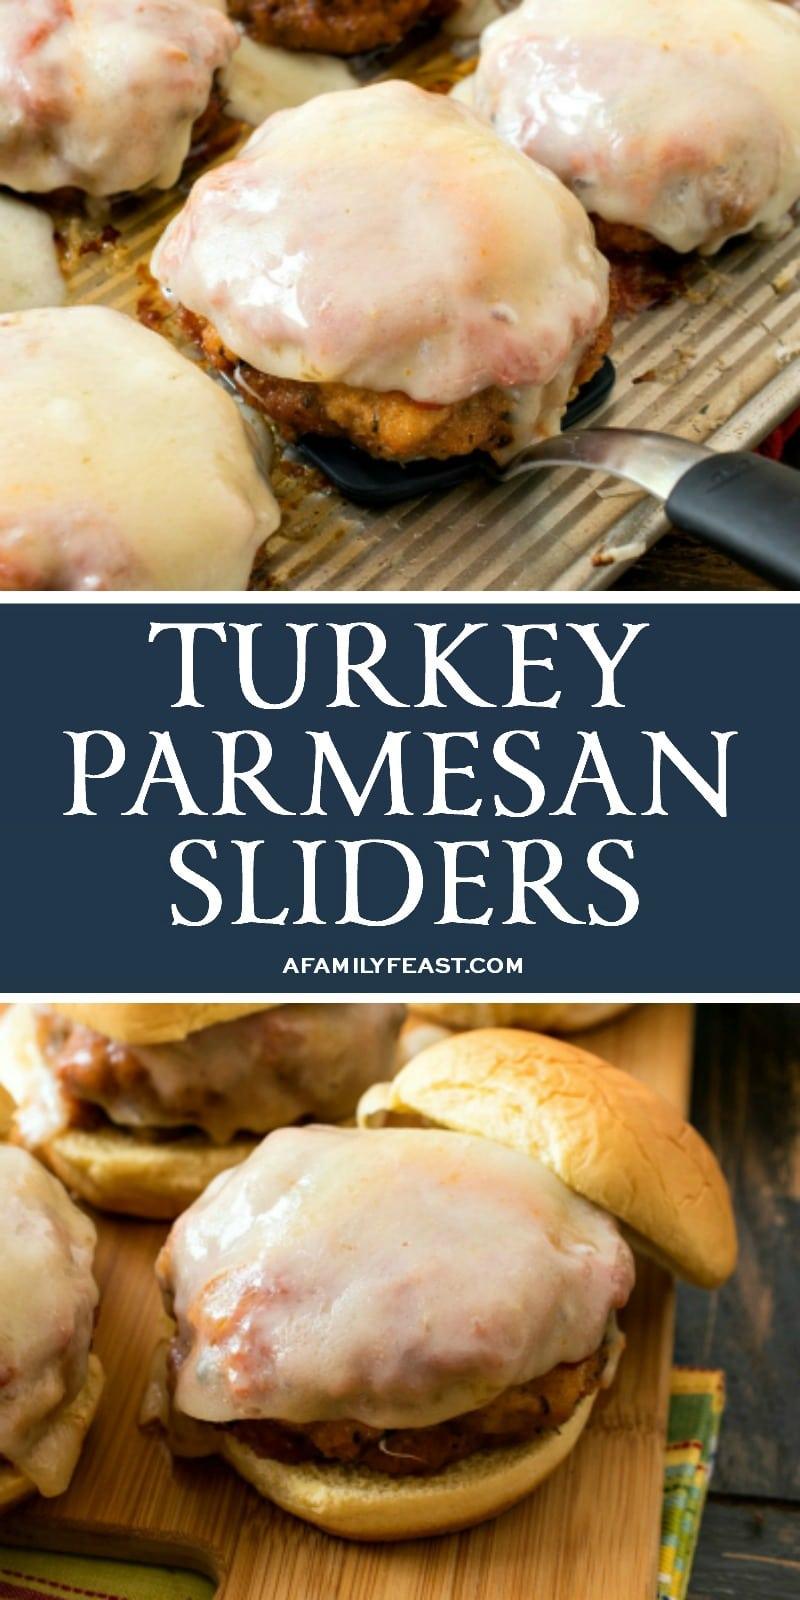 Turkey Parmesan Sliders